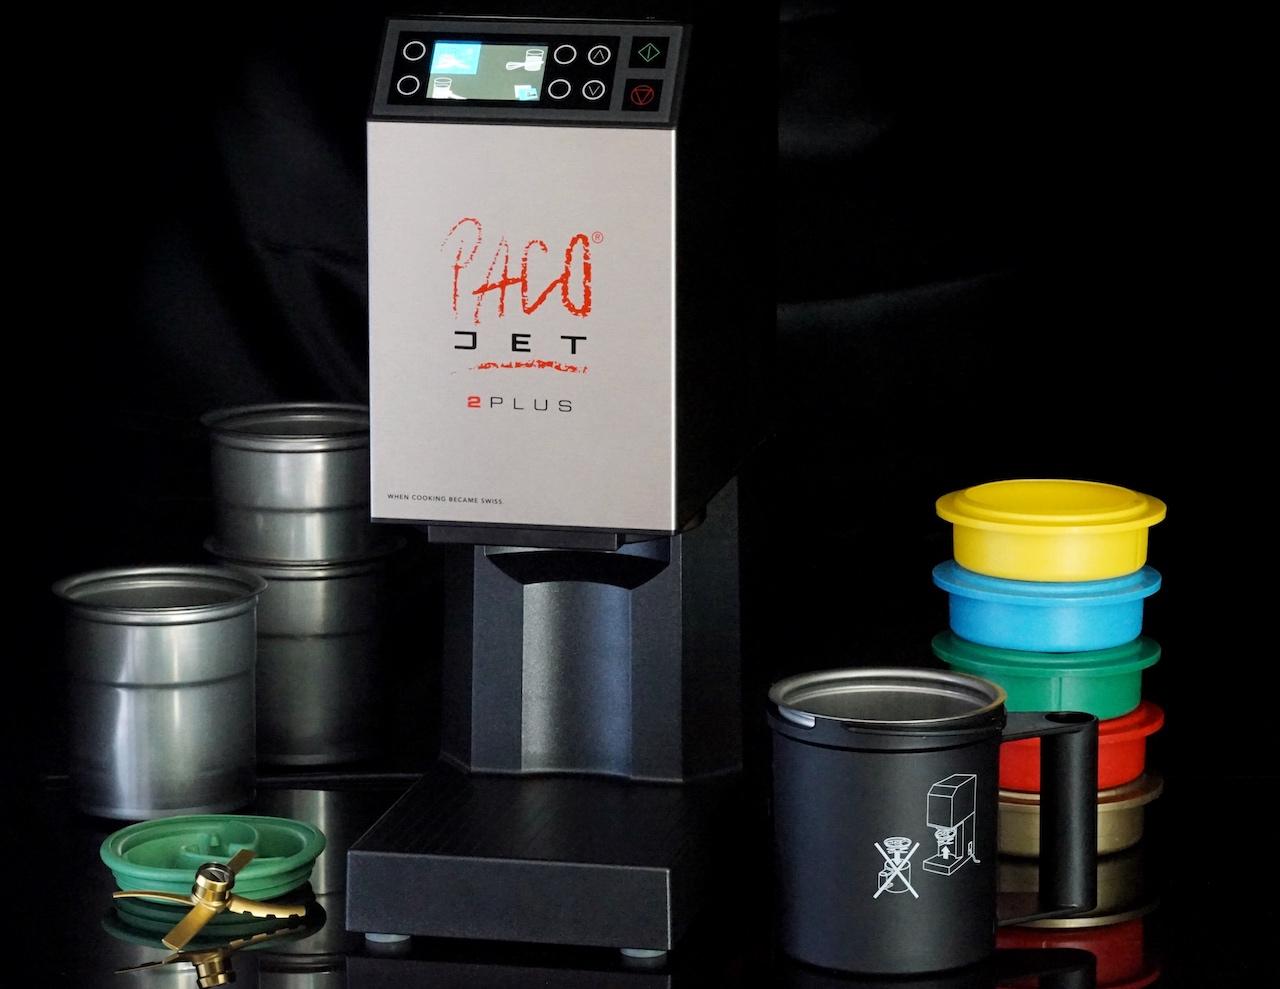 Der PacoJet 2 PLUS zählt zu den ultimativen Profigeräten und gehört in jede Küche, die etwas auf sich hält